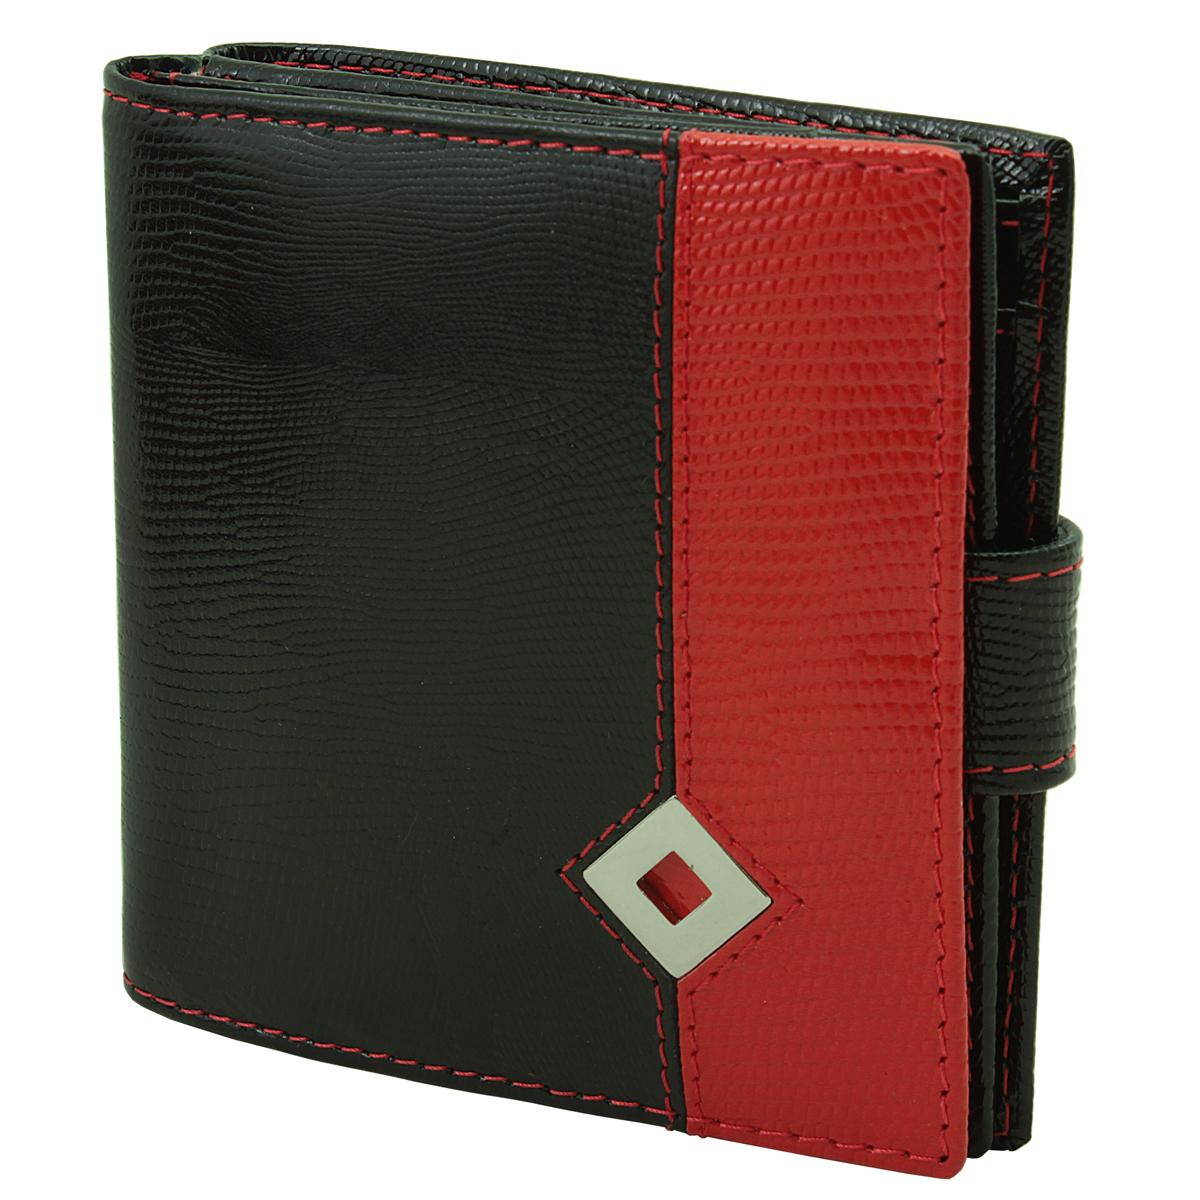 Кошелек женский Dimanche Papillon Noir, цвет: черный, красный. 244W16-11128_323Женский компактный кошелек Papillon Noir выполнен из натуральной высококачественной кожи с декоративным тиснением. Кошелек состоит из двух отделений. Первое отделение закрывается на магнитную кнопку, имеет четыре кармашка для кредиток и карман для монет с клапаном на кнопке. Второе отделение также закрывается на магнитную кнопку и содержит два кармана для купюр. Между отделениями также предусмотрен кармашек. Кошелек упакован в фирменную картонную коробку. Характеристики:Материал: натуральная кожа, текстиль, металл. Размер кошелька: 9,5 см х 10 см х 2,8 см. Цвет: черный, красный.